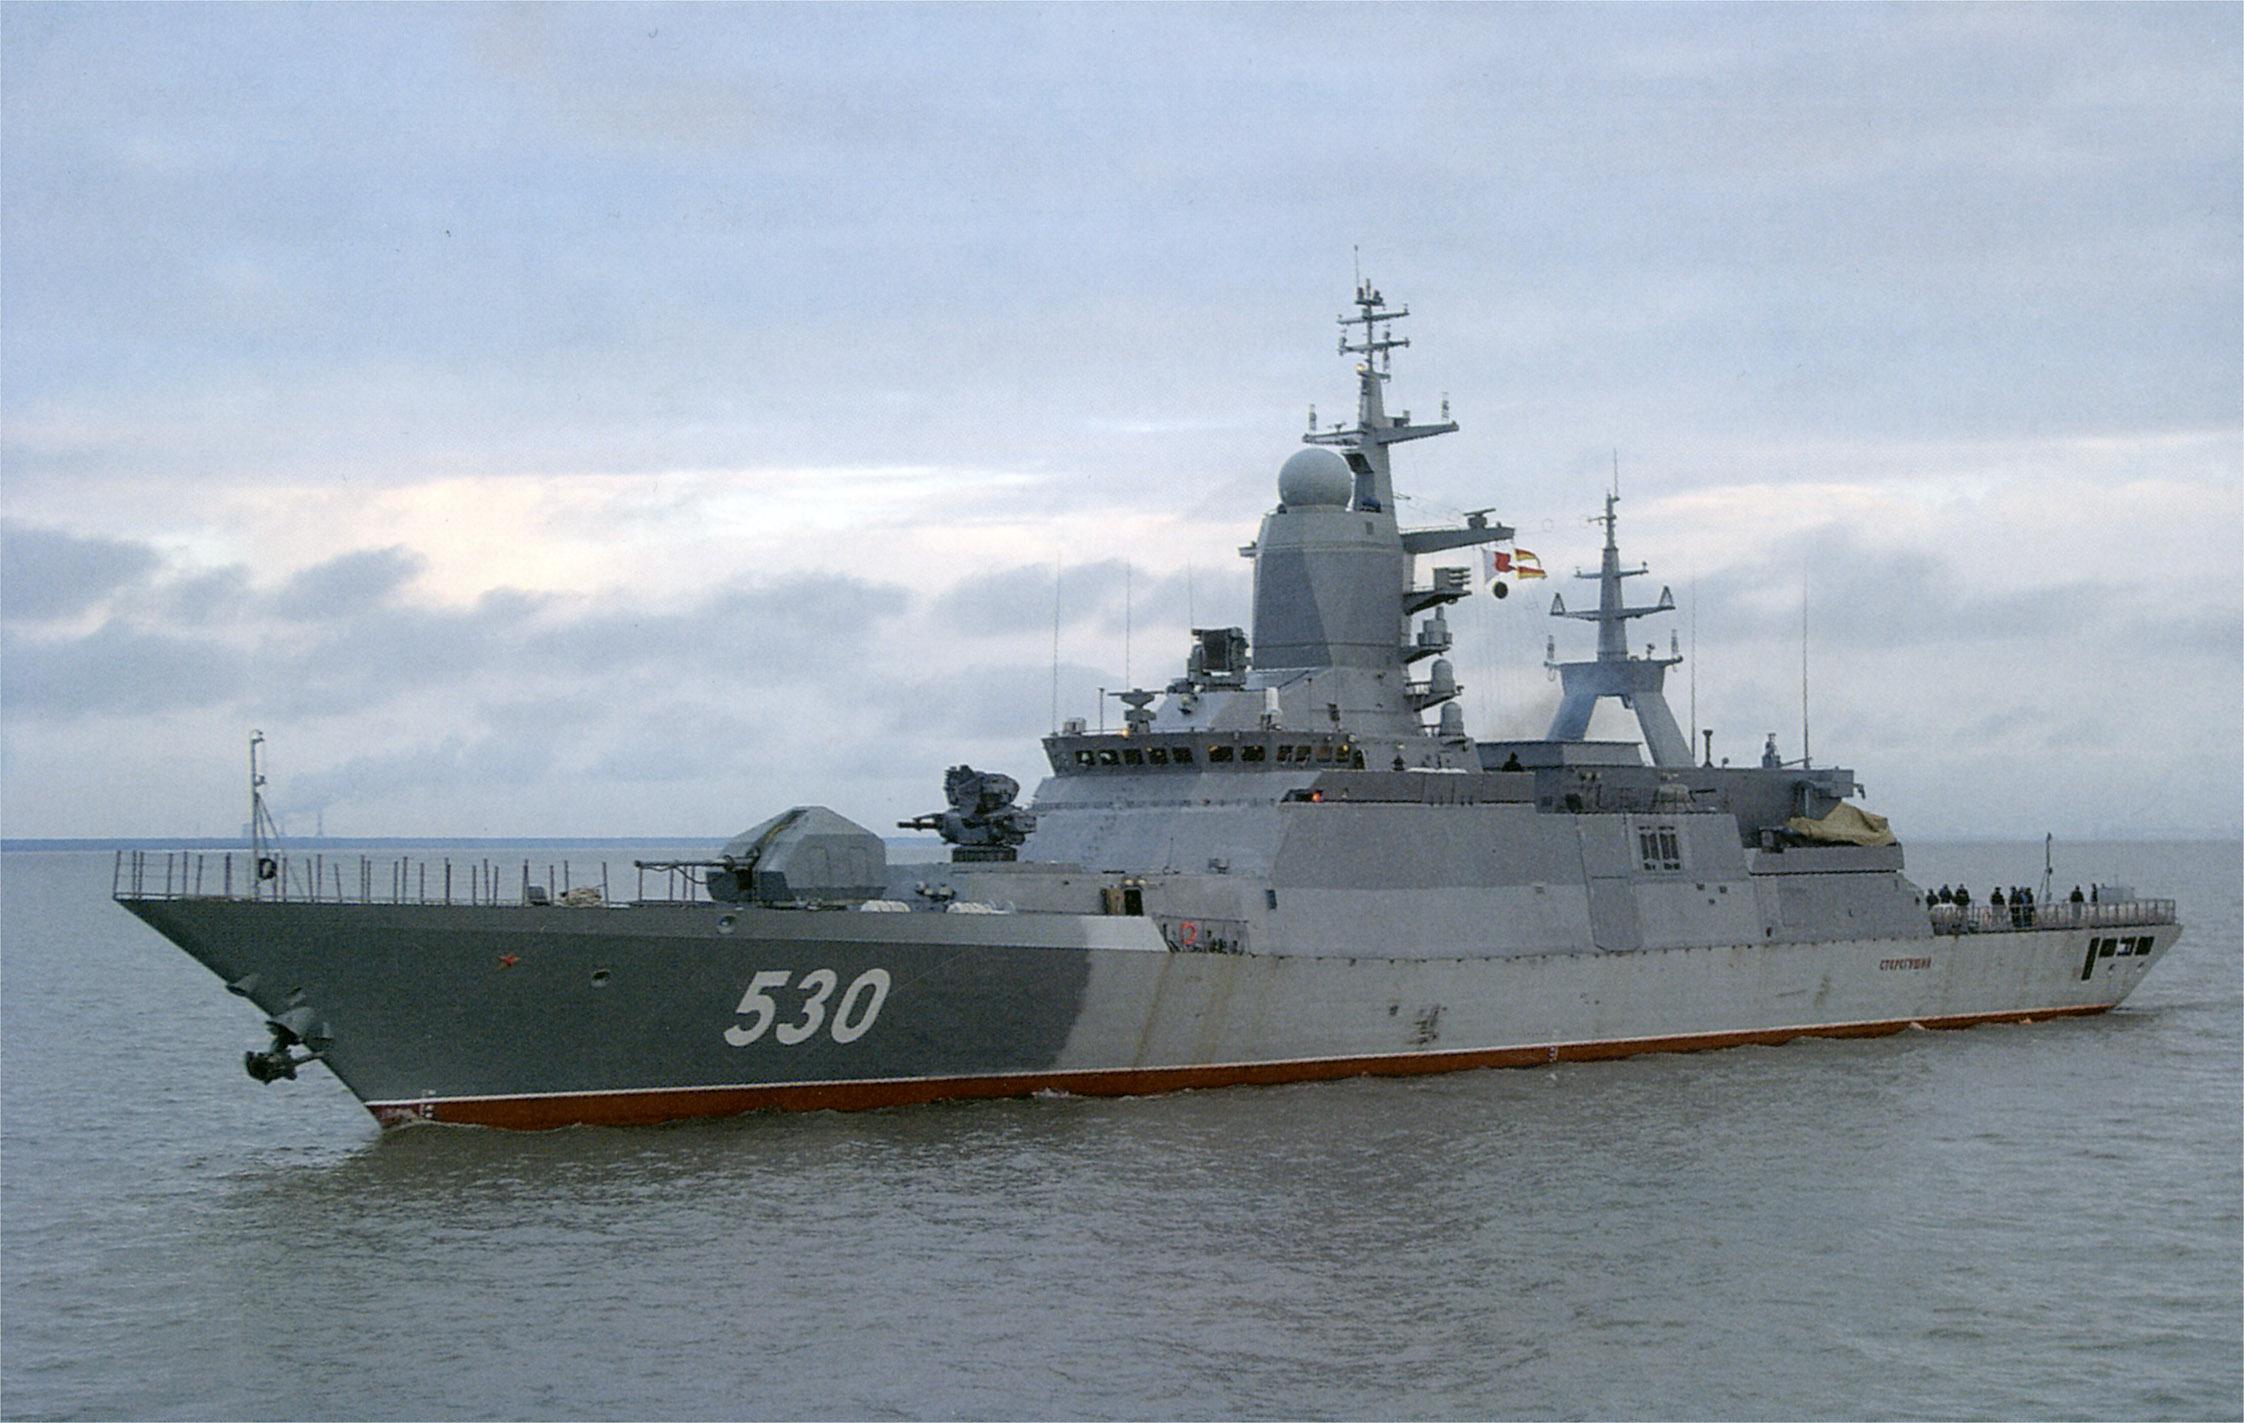 В территориальные воды Латвии вновь вторгся российский военный корабль